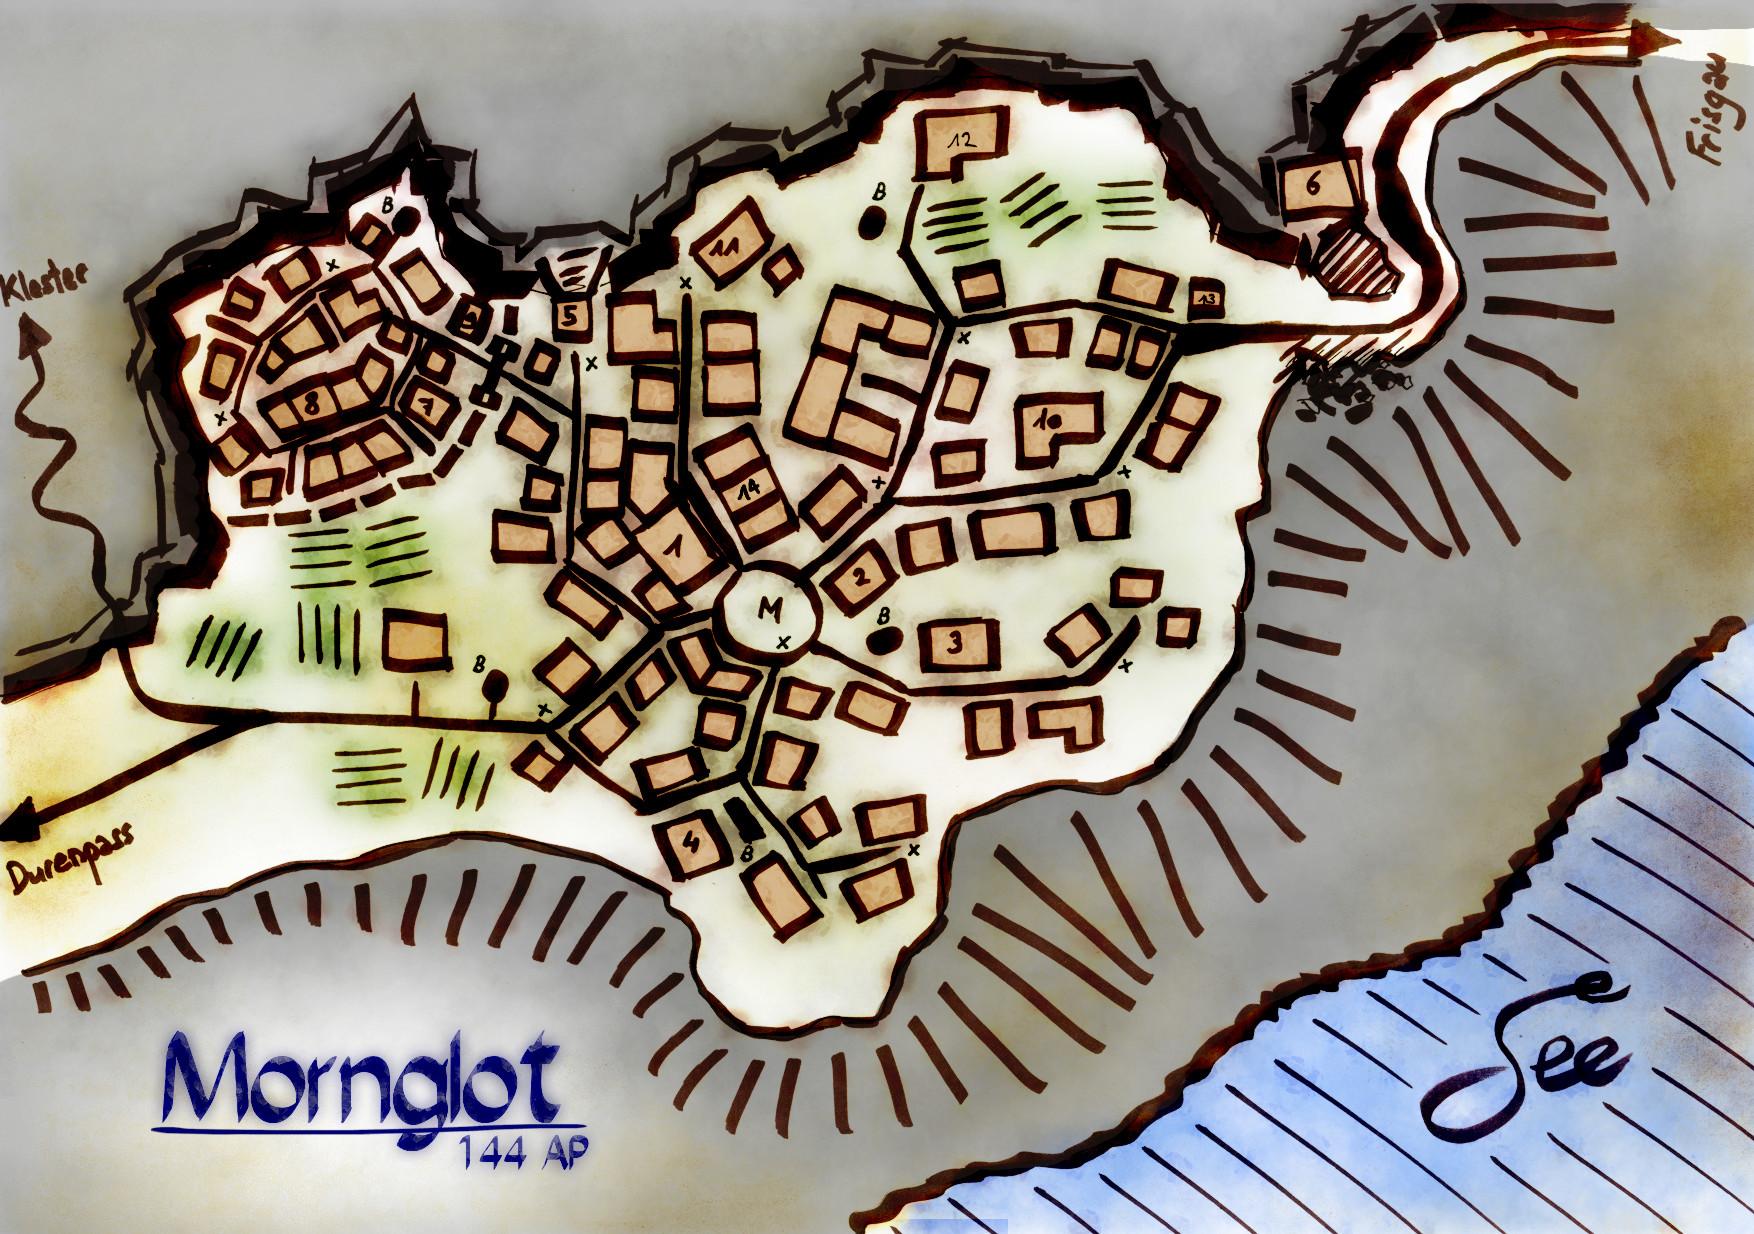 Mornglot